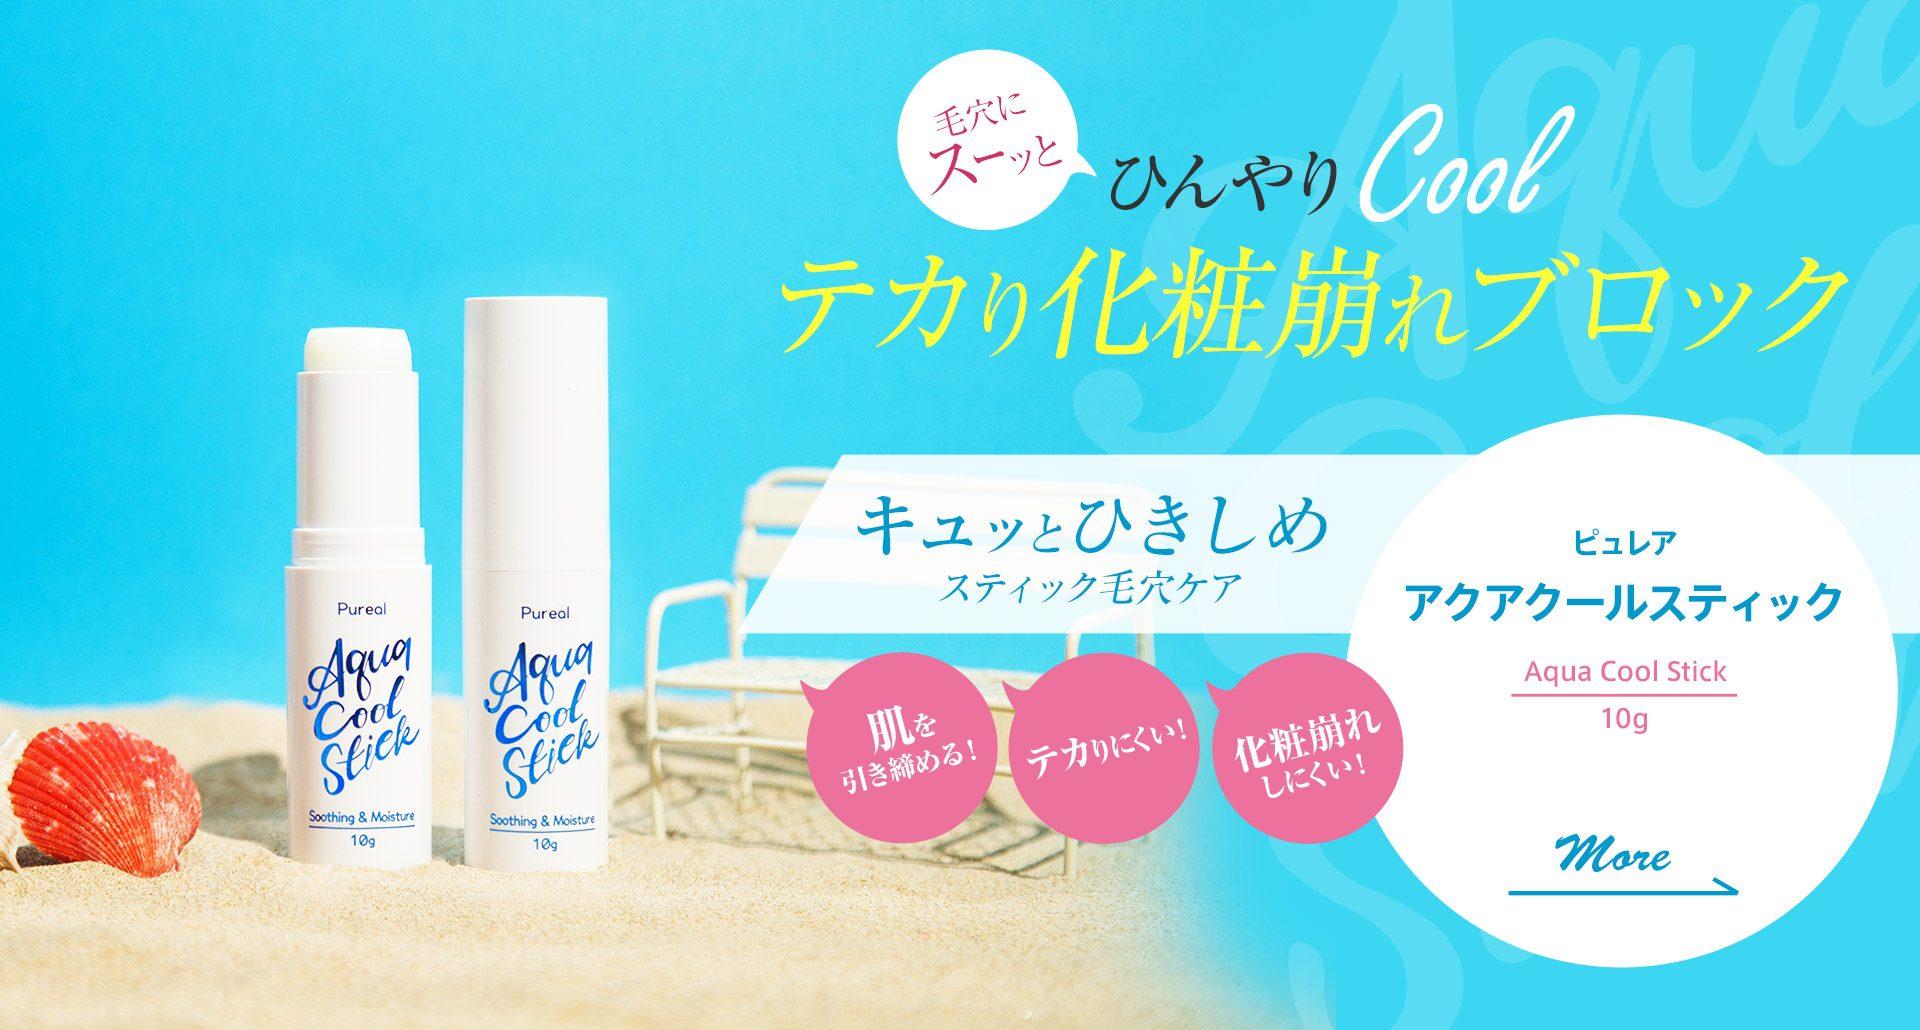 ピュレア アクアクールスティック Aqua Cool Stick 10g 毛穴にスーッとひんやりCool テカり化粧崩れブロック キュッとひきしめスティック毛穴ケア 肌を引き締める!テカりにくい!化粧崩れしにくい!